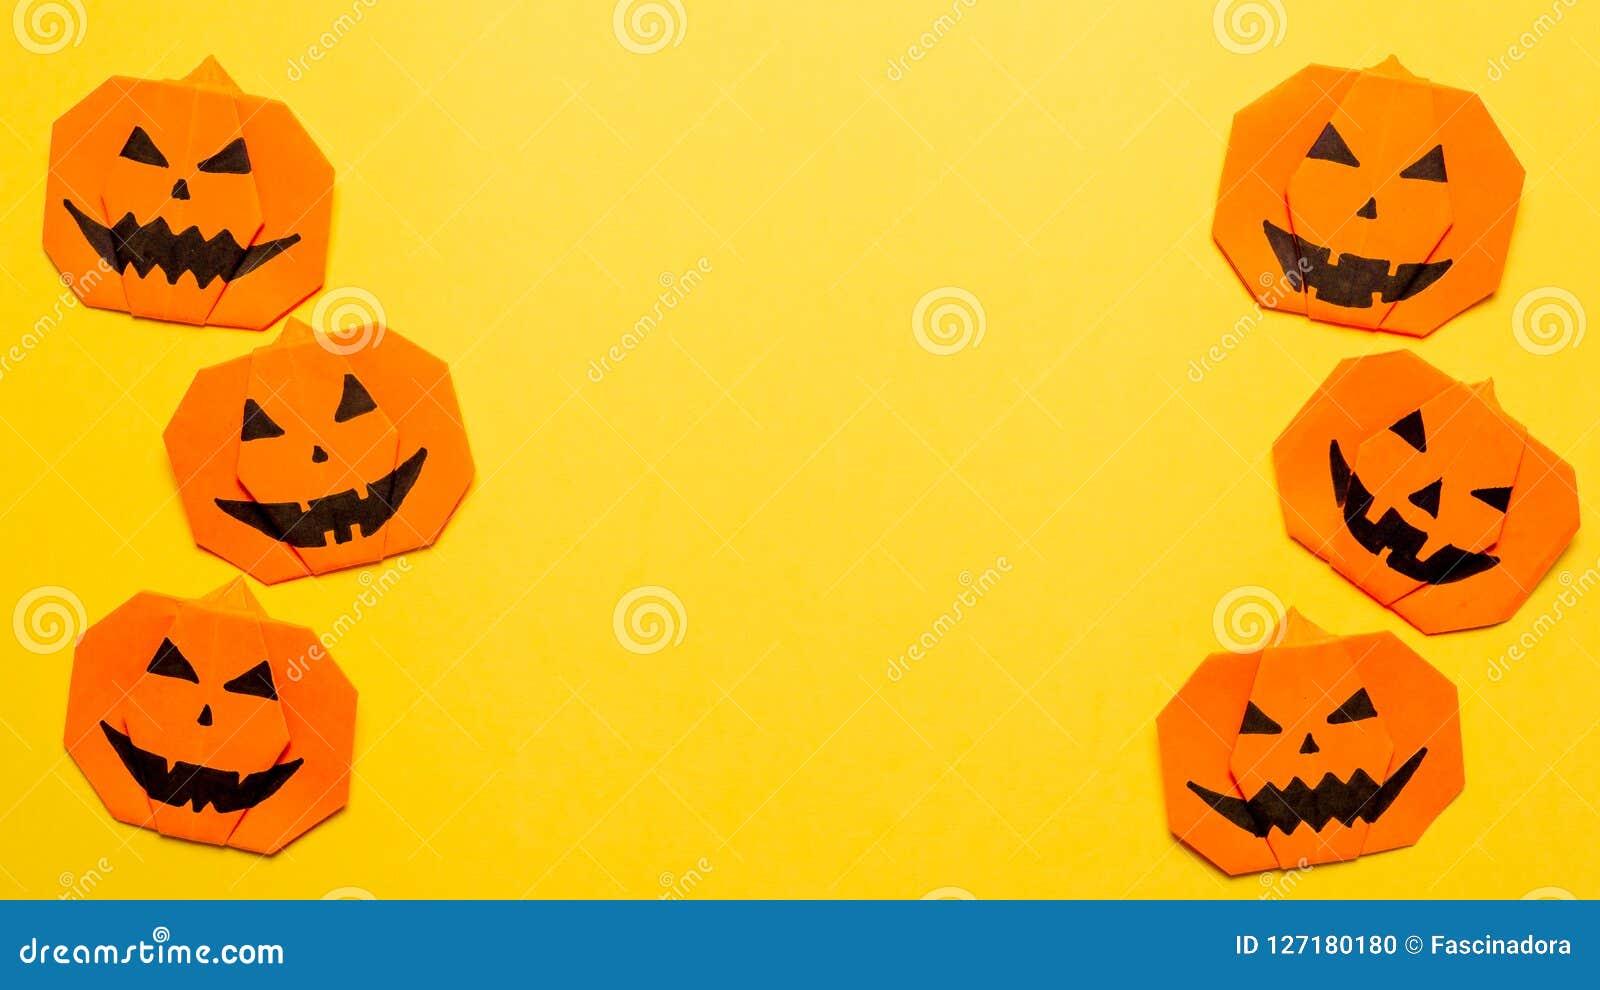 Origami tête de mort pour #halloween | Halloween origami, Origami ... | 990x1600